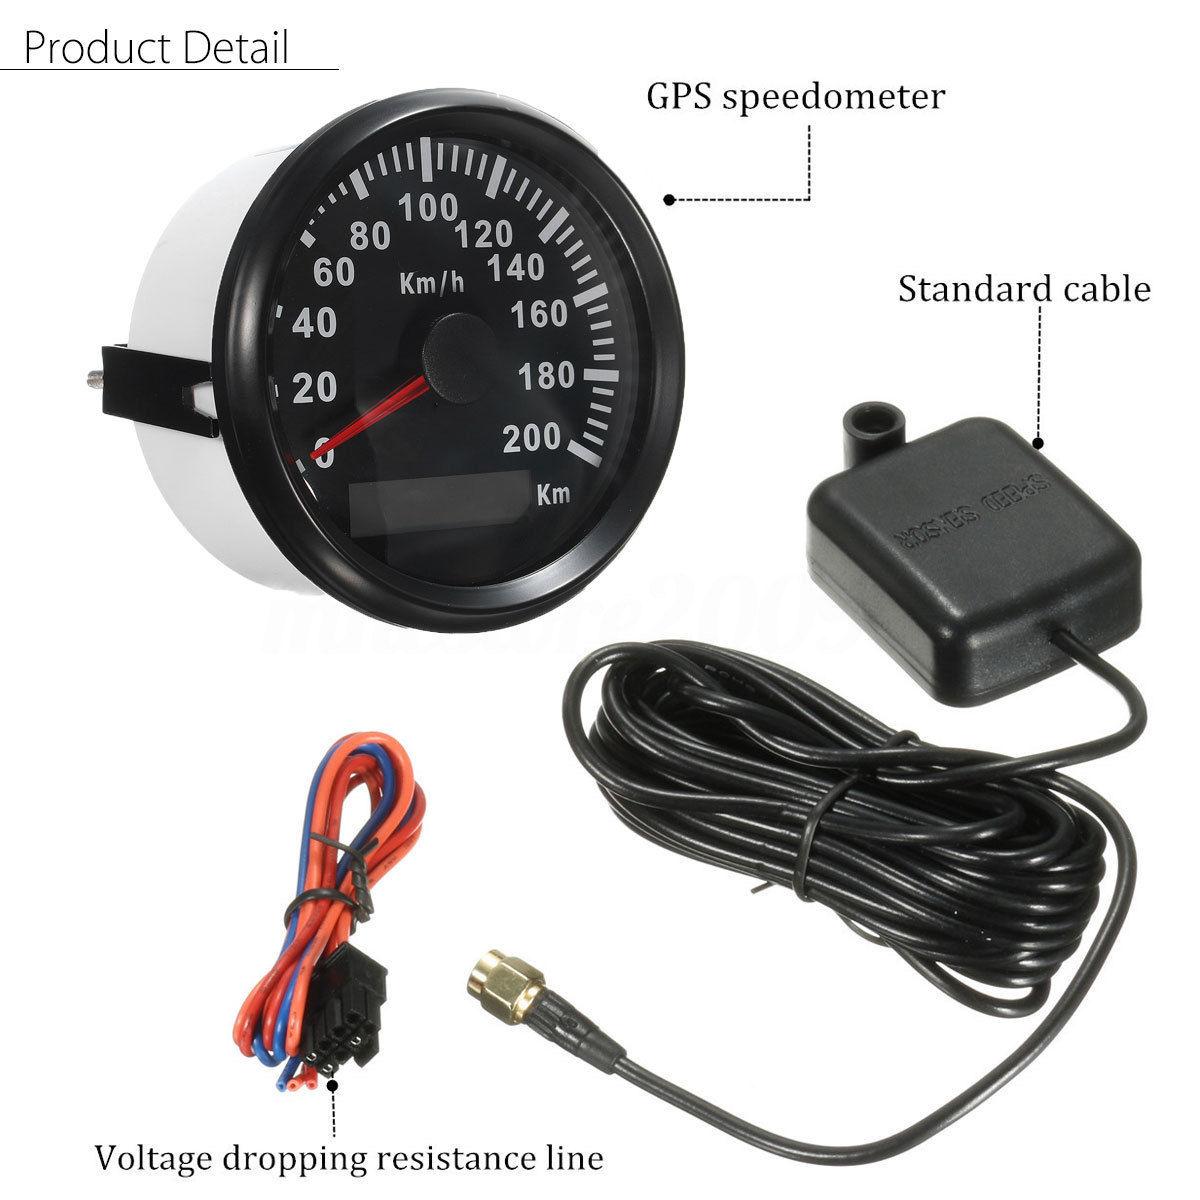 Jauges numériques imperméables automatiques de compteur de vitesse de Gps de moteur de voiture de 85Mm 200 Km/H - 6